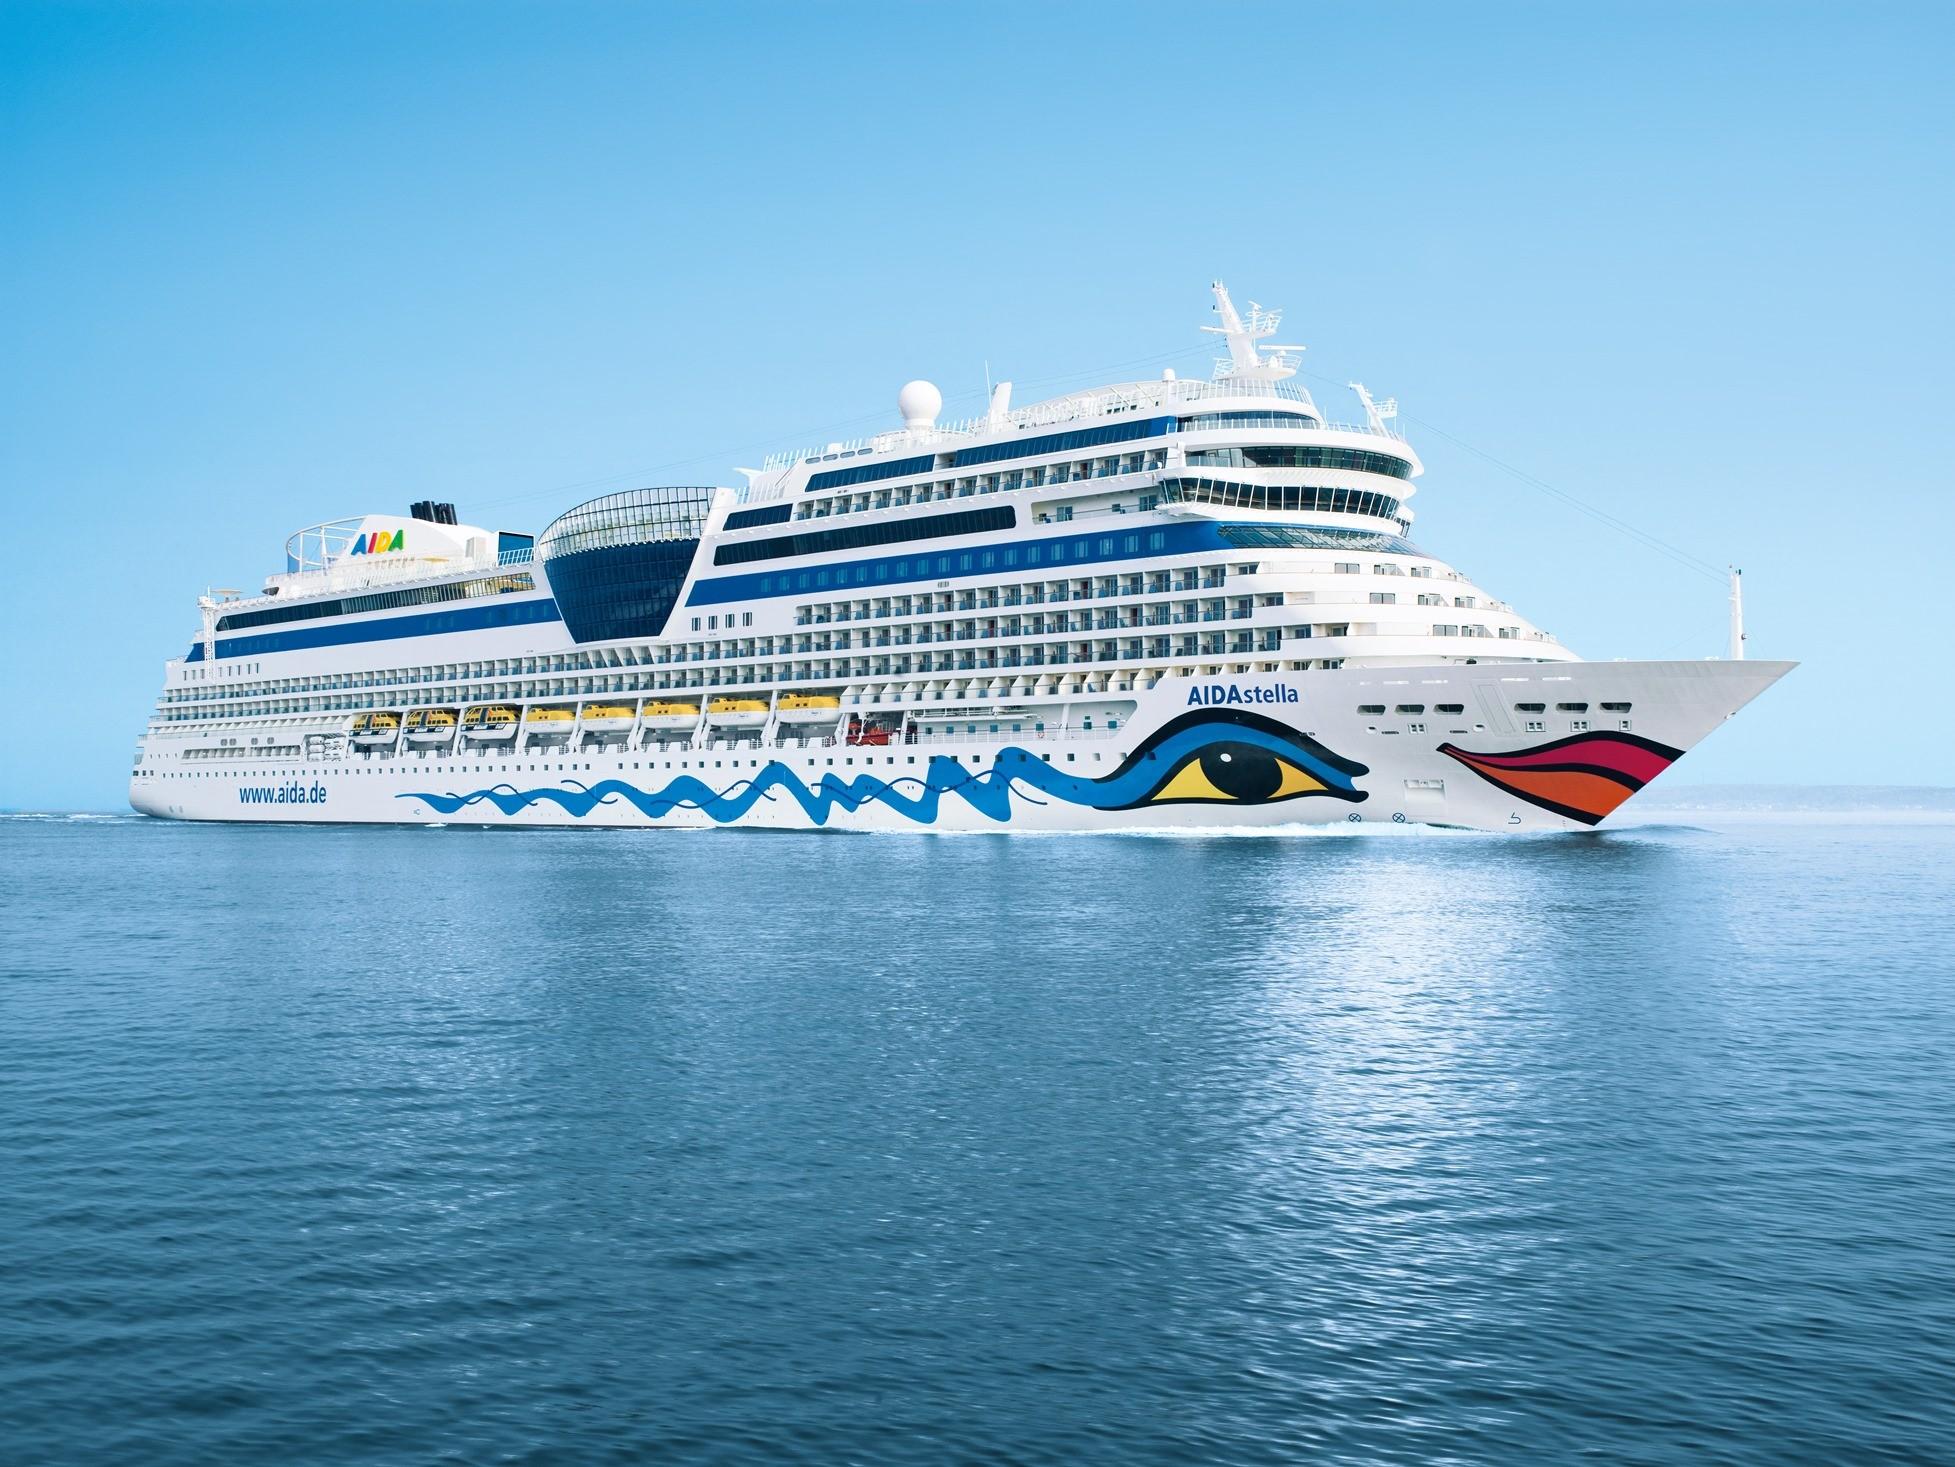 Ab 29. Juli 2021 wird AIDAstella Reisen im westlichen Mittelmeer anbieten und 10- sowie 11-tägige Kreuzfahrten ab Palma de Mallorca starten.